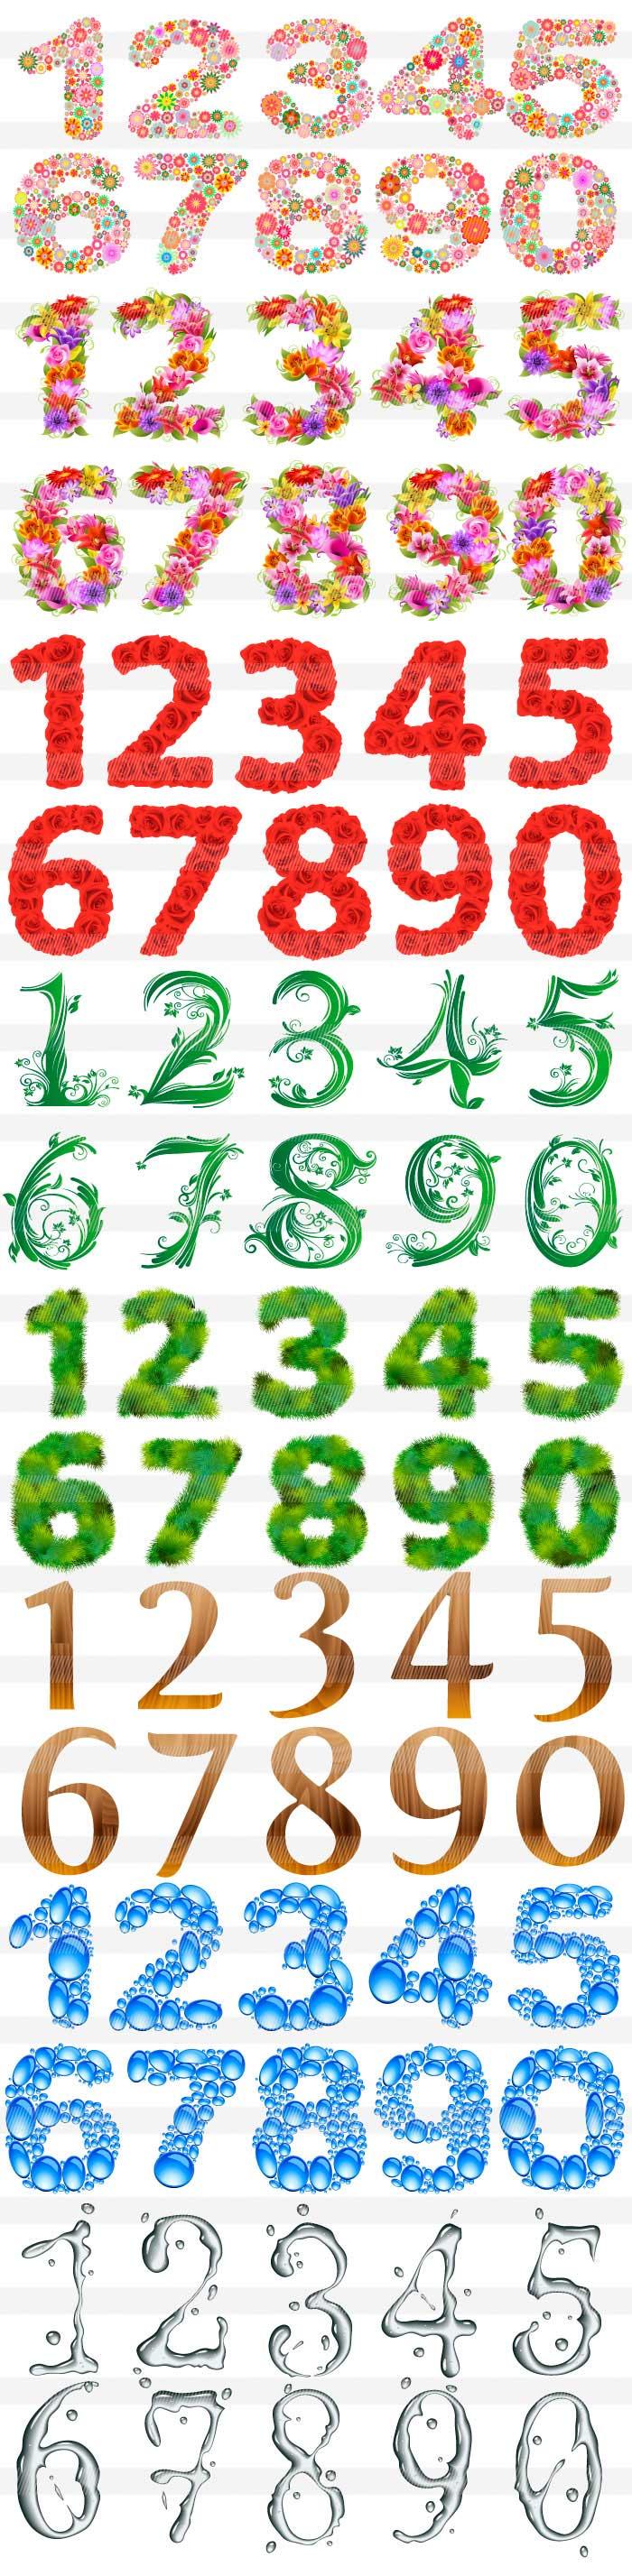 草木・花柄の数字のイラスト